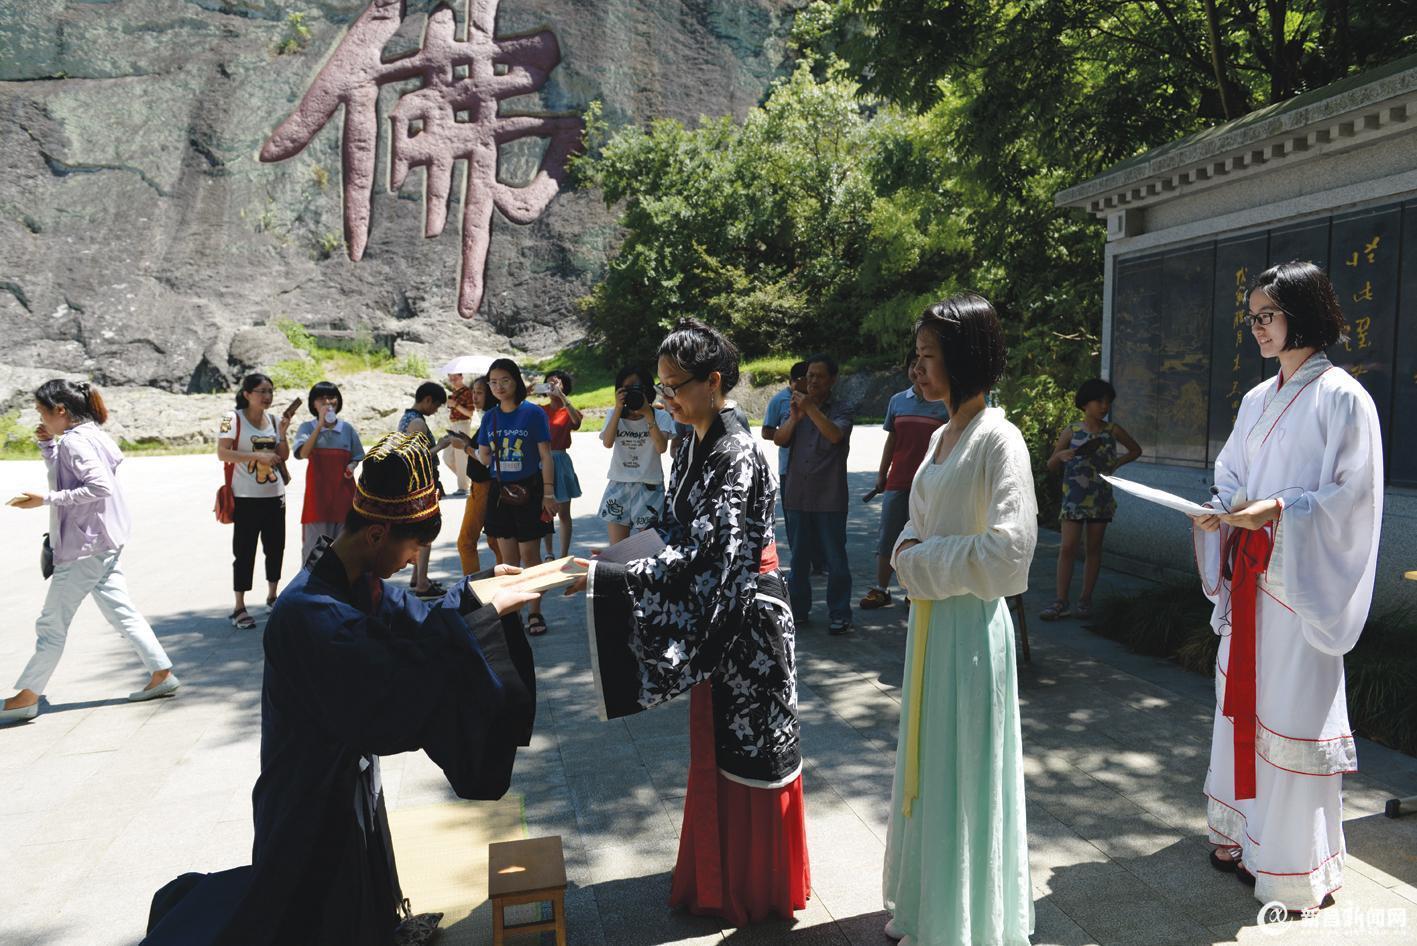 大佛寺景区上演冠笄之礼